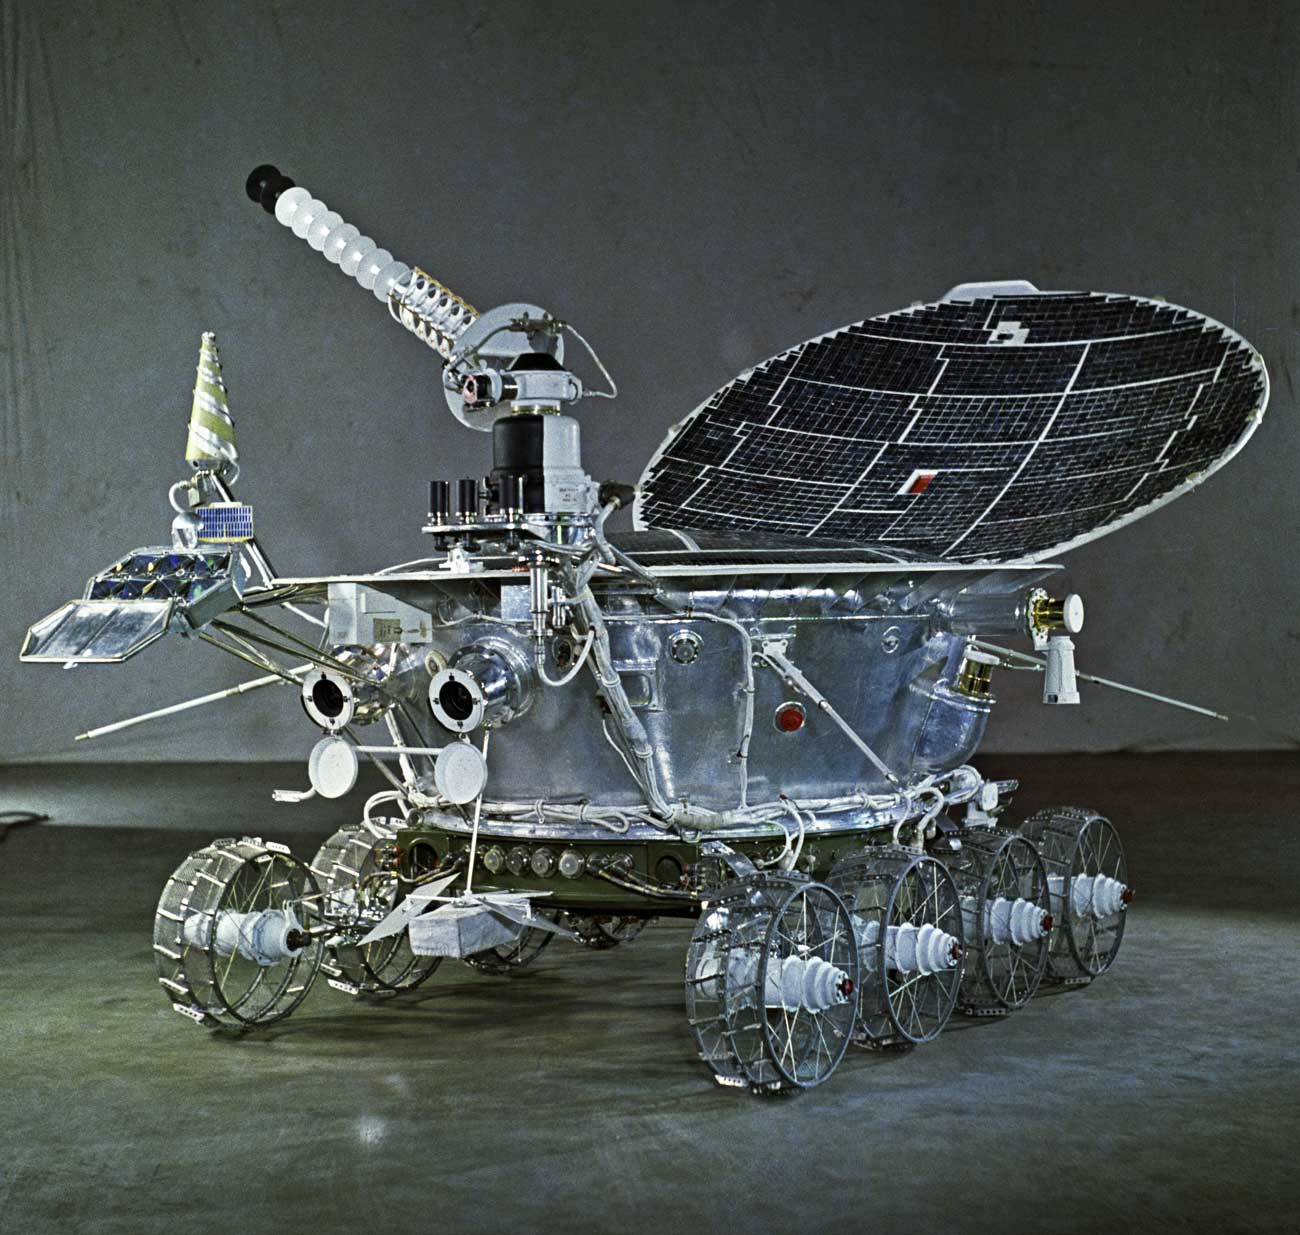 Lunojod-1, llegó a la superficie de la Luna el 17 de noviembre de 1970, y pasó más de diez meses terrestres operando en ella.\n